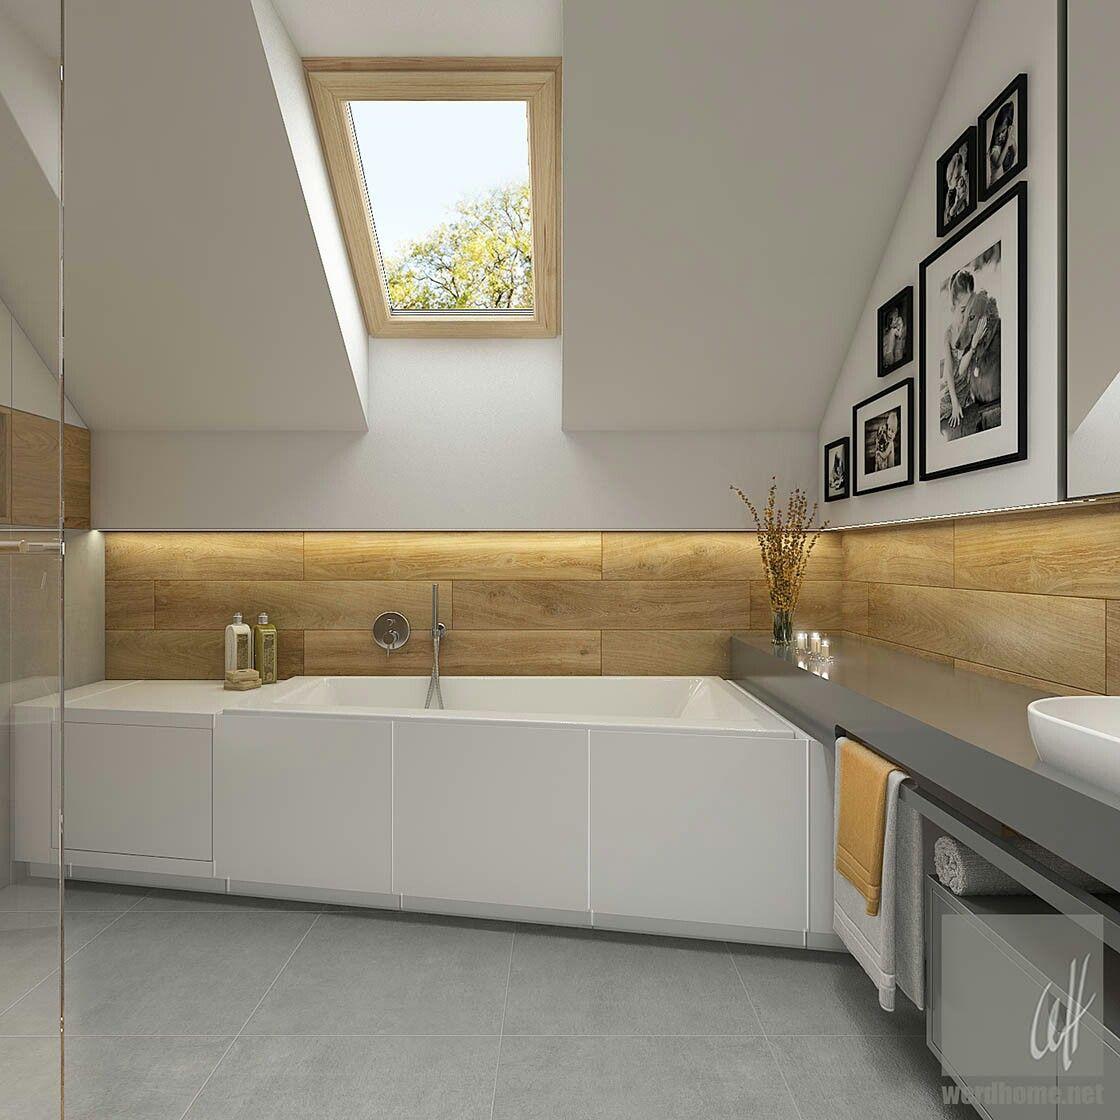 Pin von Kasia K auf lazienka | Badezimmer dachschräge ...